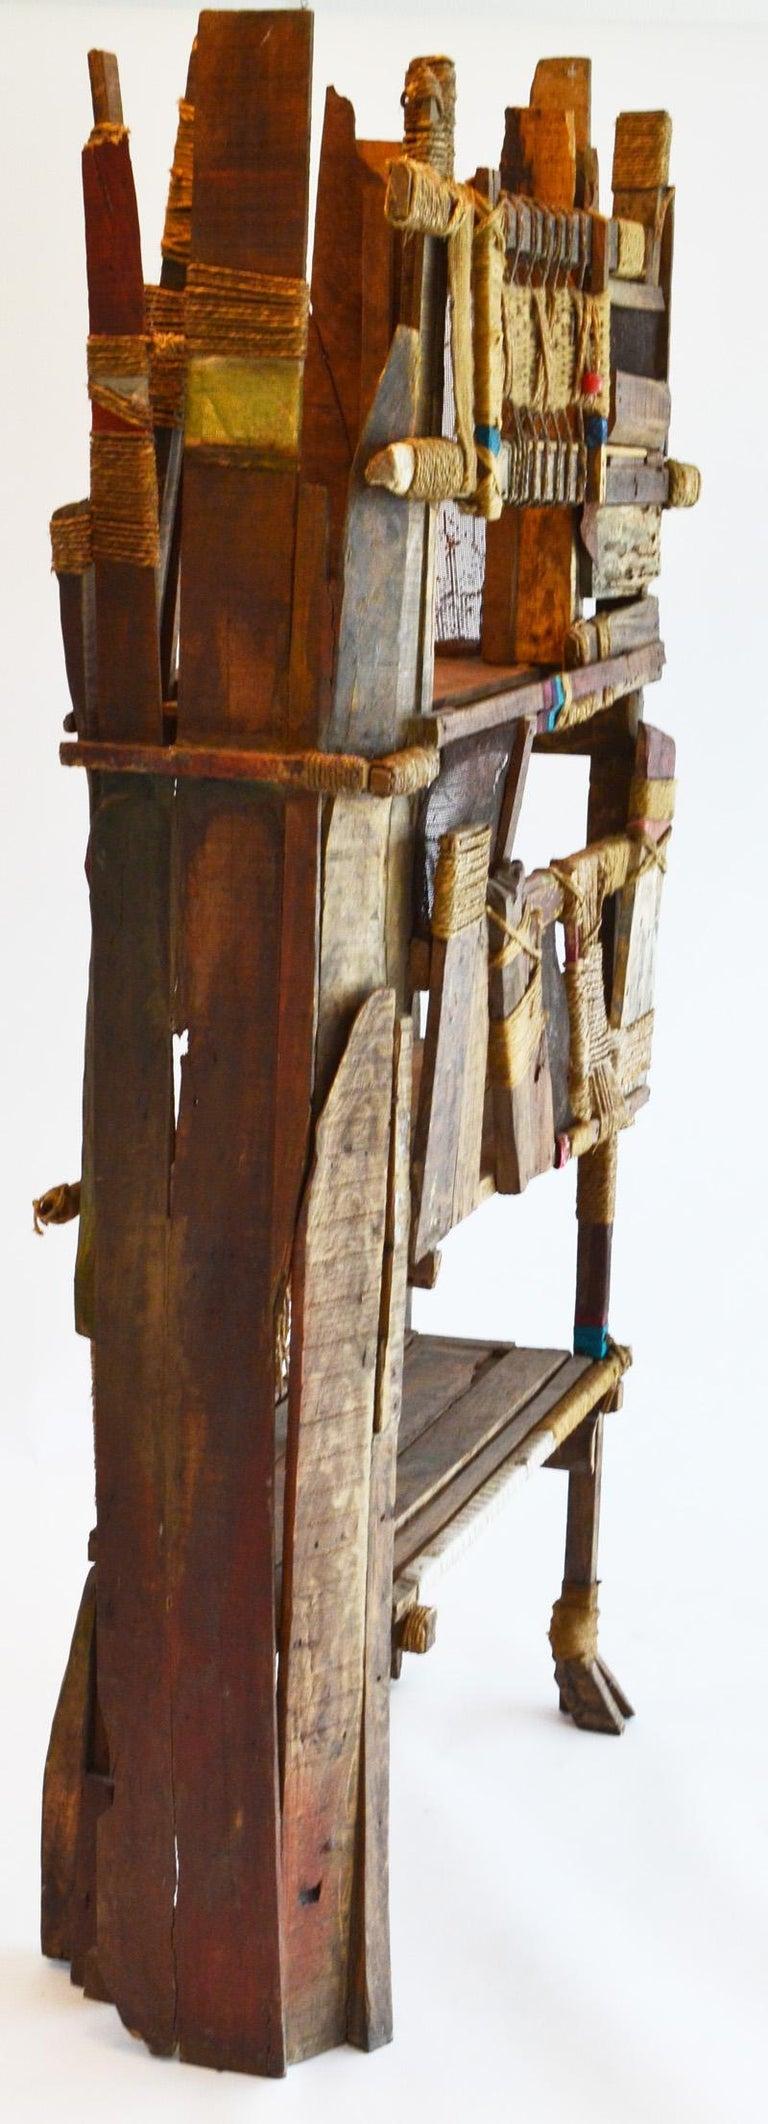 Folk Art Outsider Screen Room Divider Shelf Studio Indian Modern For Sale 1